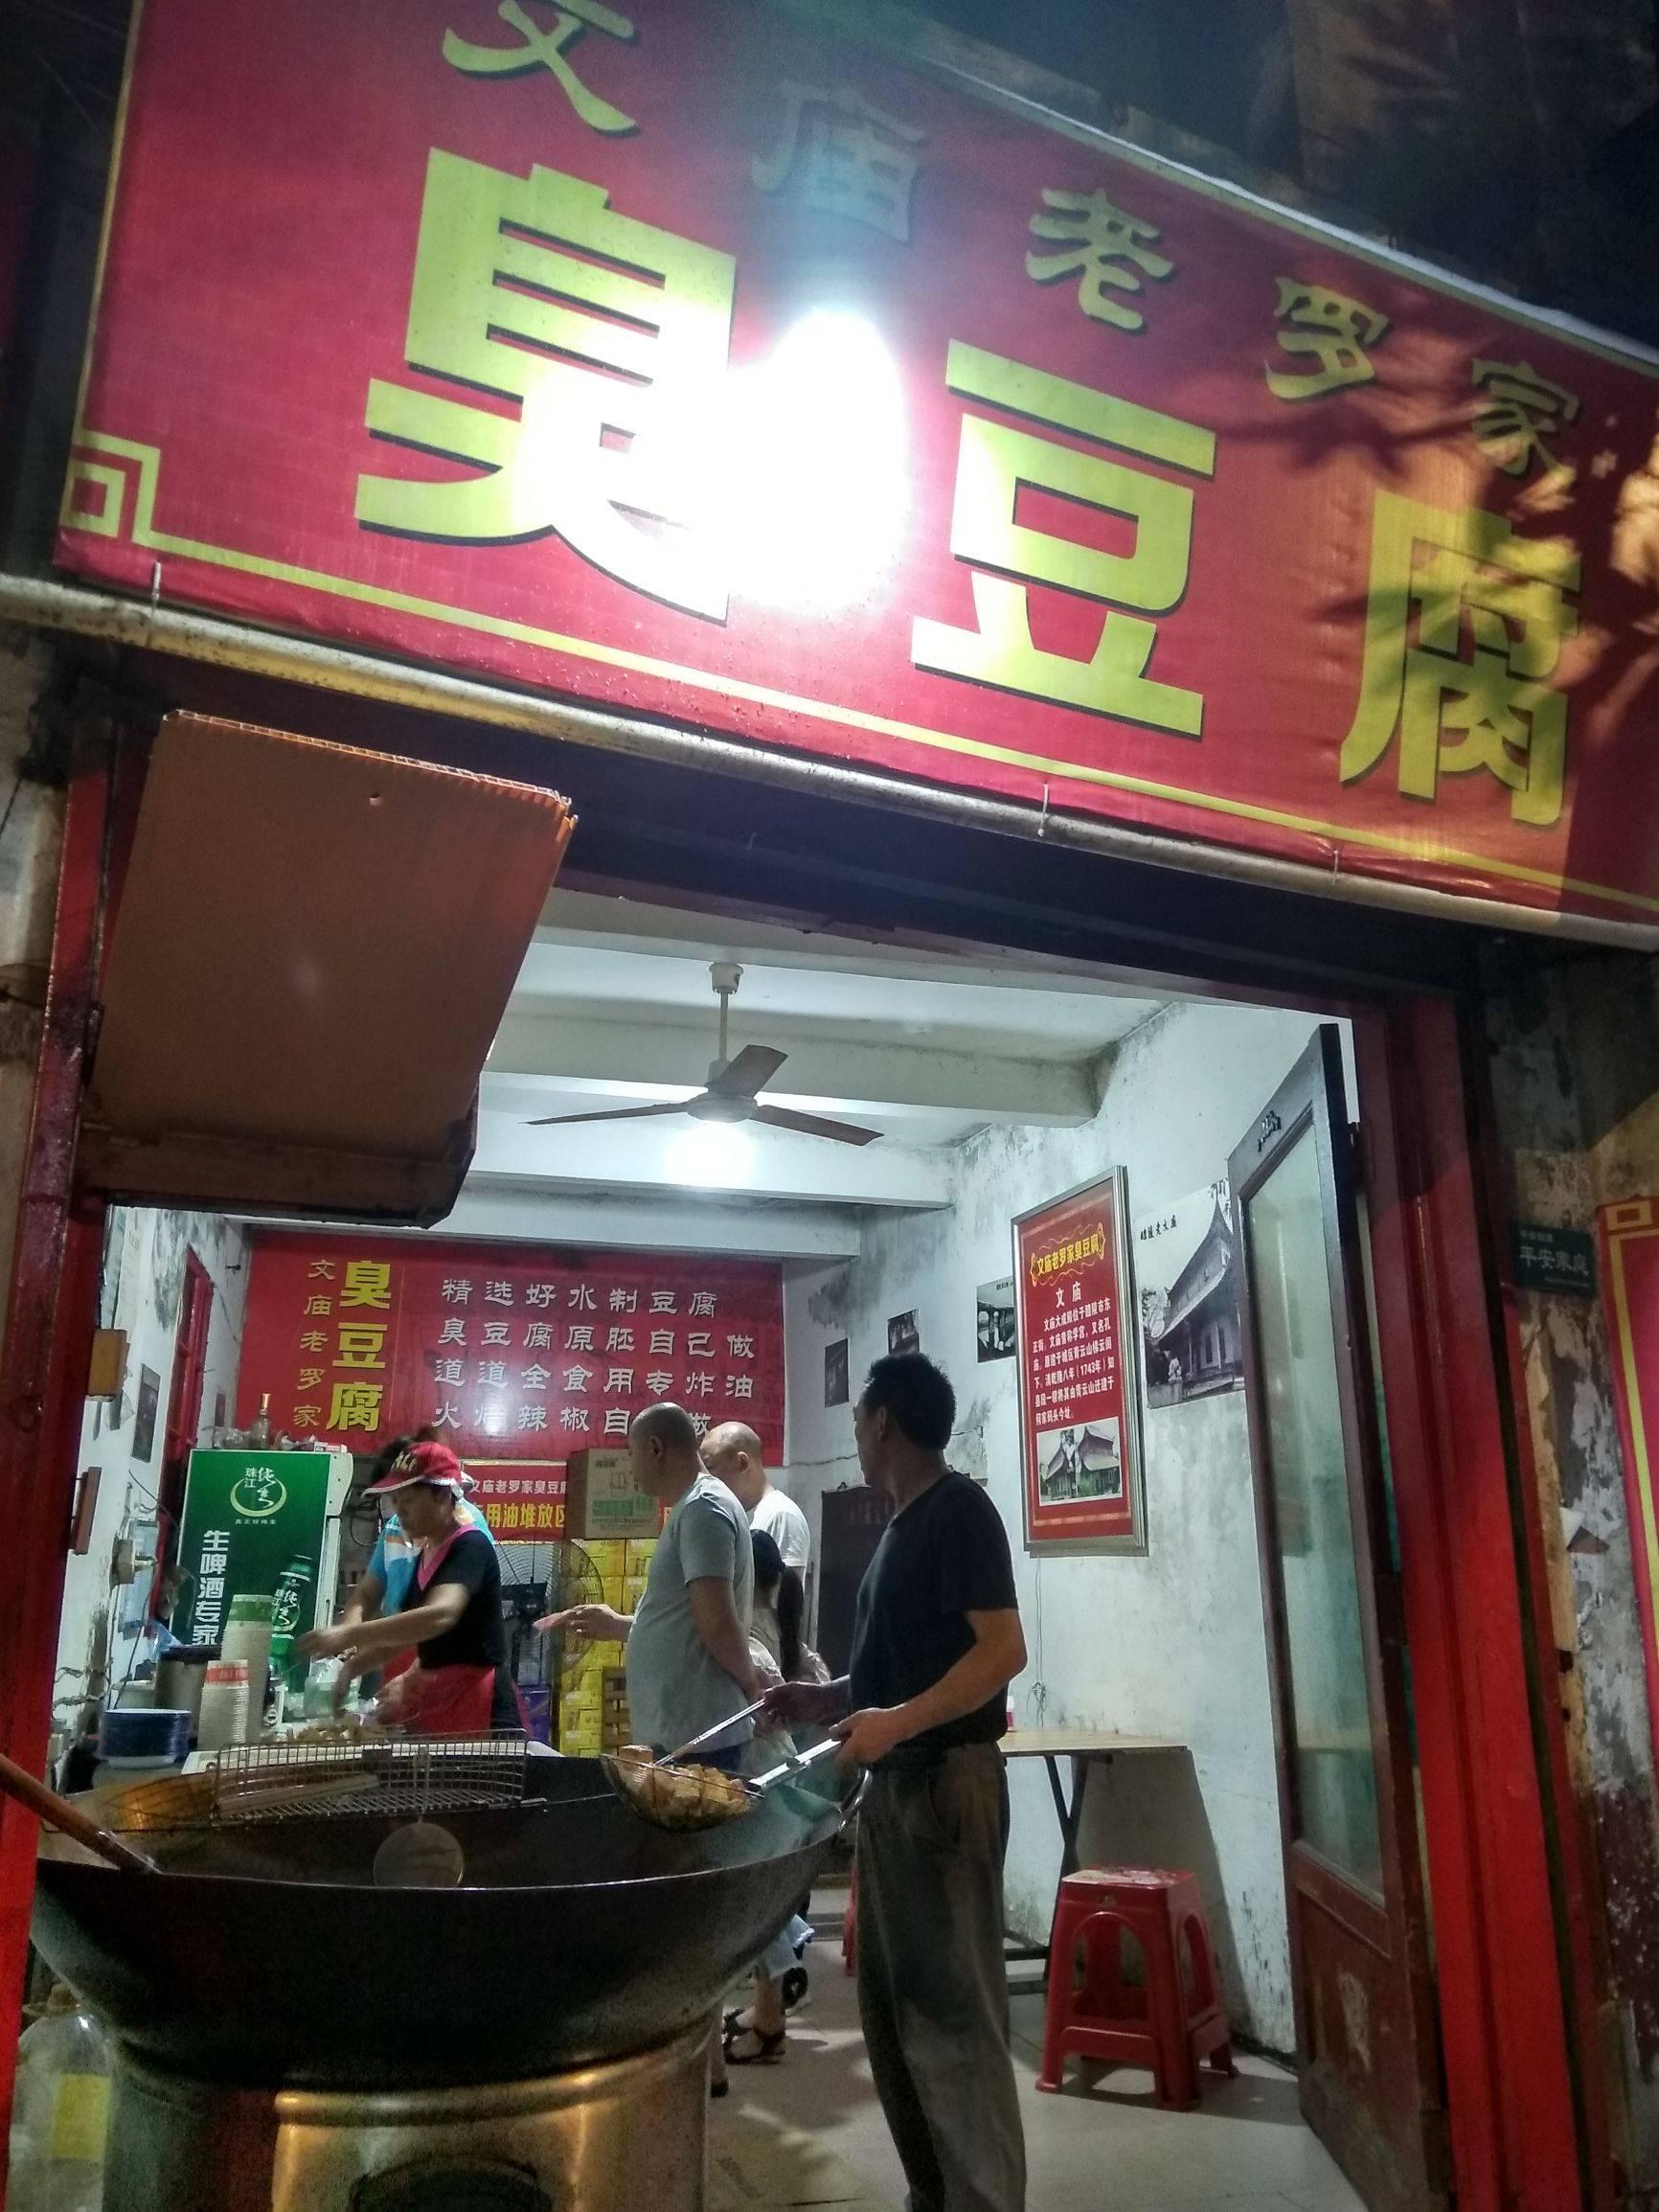 卖臭豆腐的成本和利润(卖臭豆腐的配方是什么)插图(6)